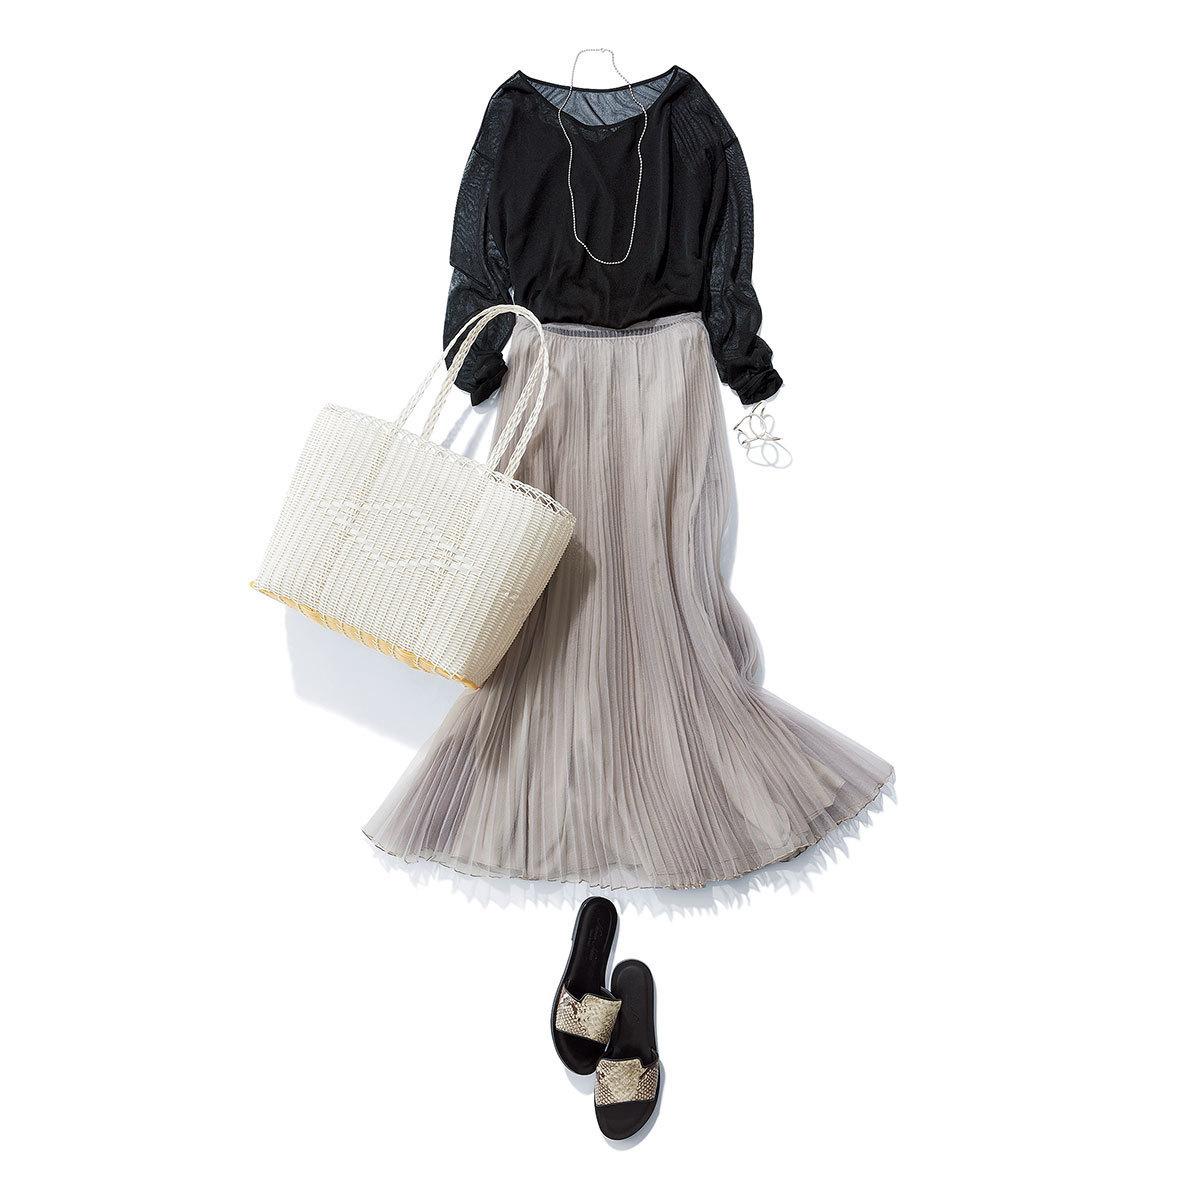 黒ブラウスとグレースカート